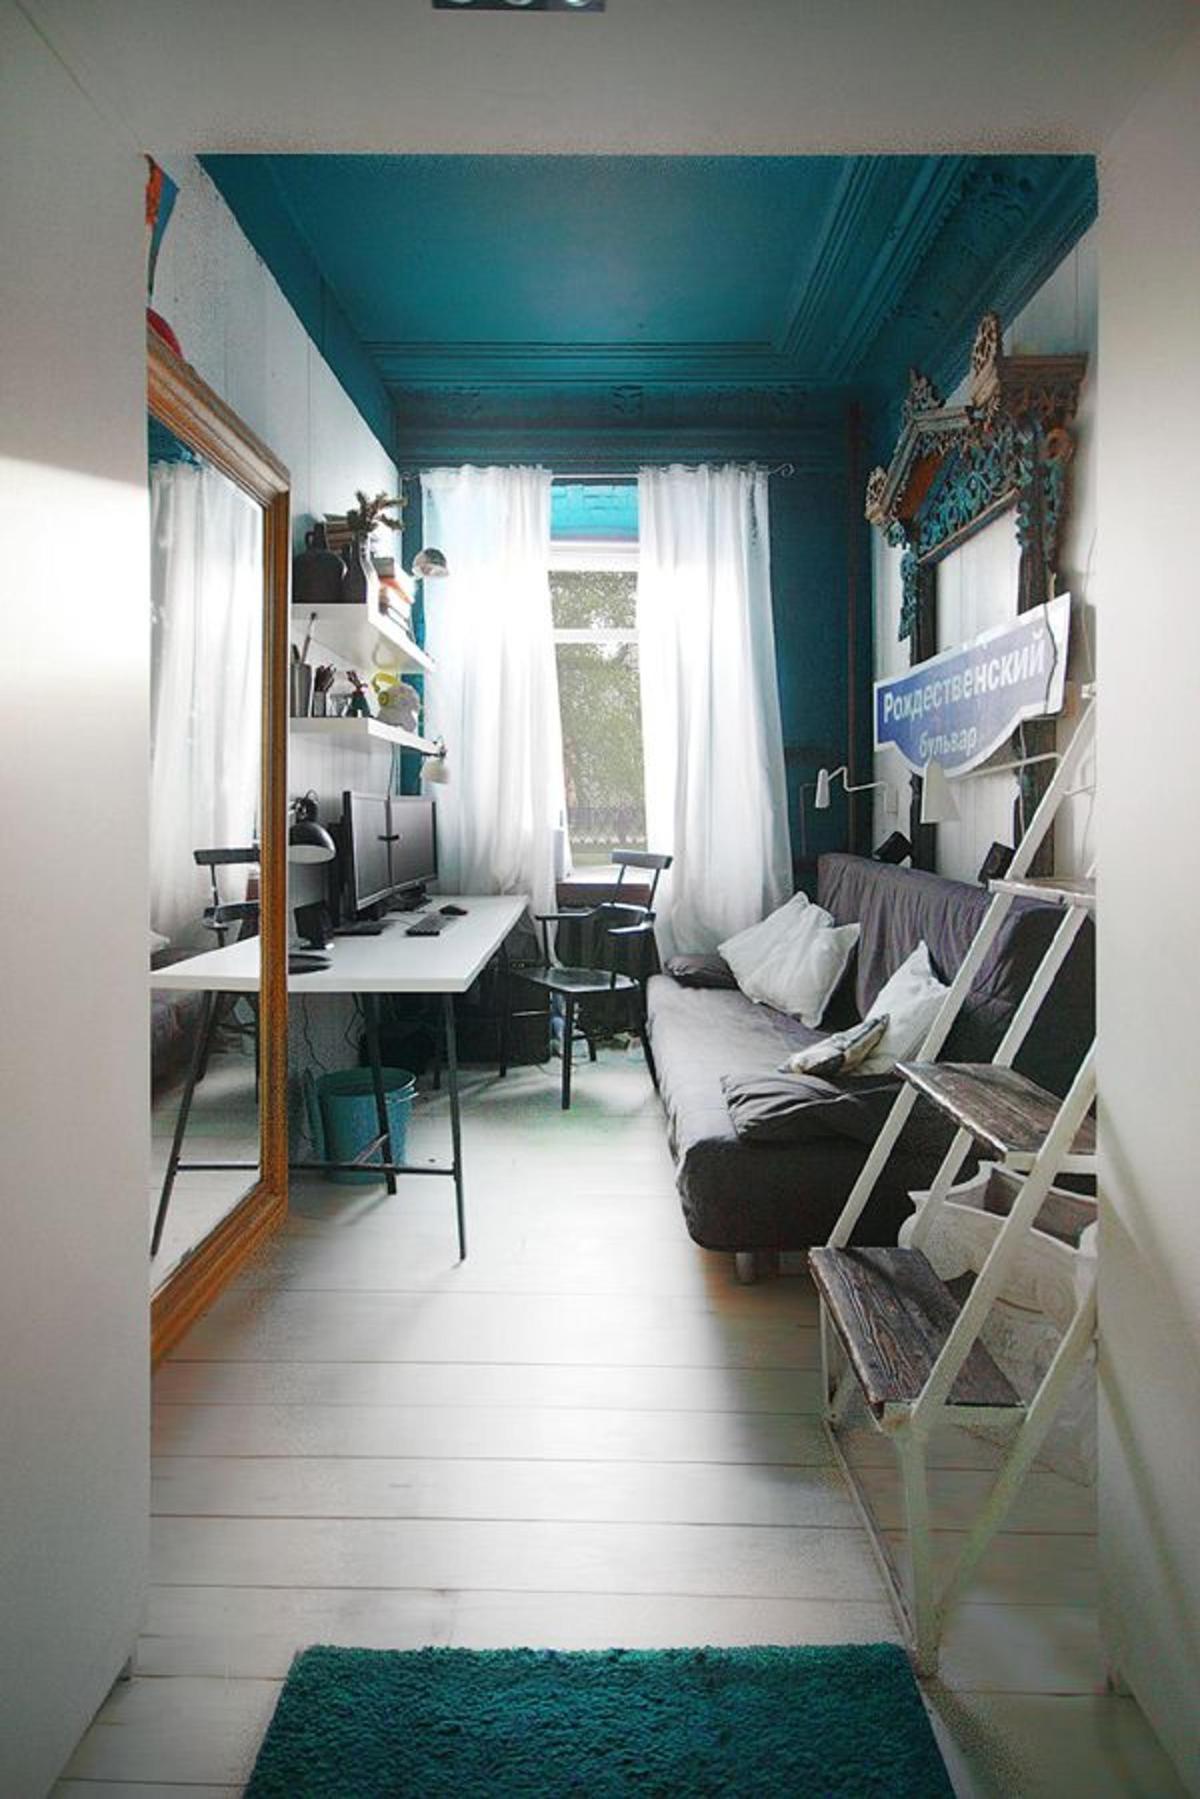 Căn hộ ở khu phố Brooklyn - Mỹ một trong những ngôi nhà nhỏ đẹp nhất thế giới